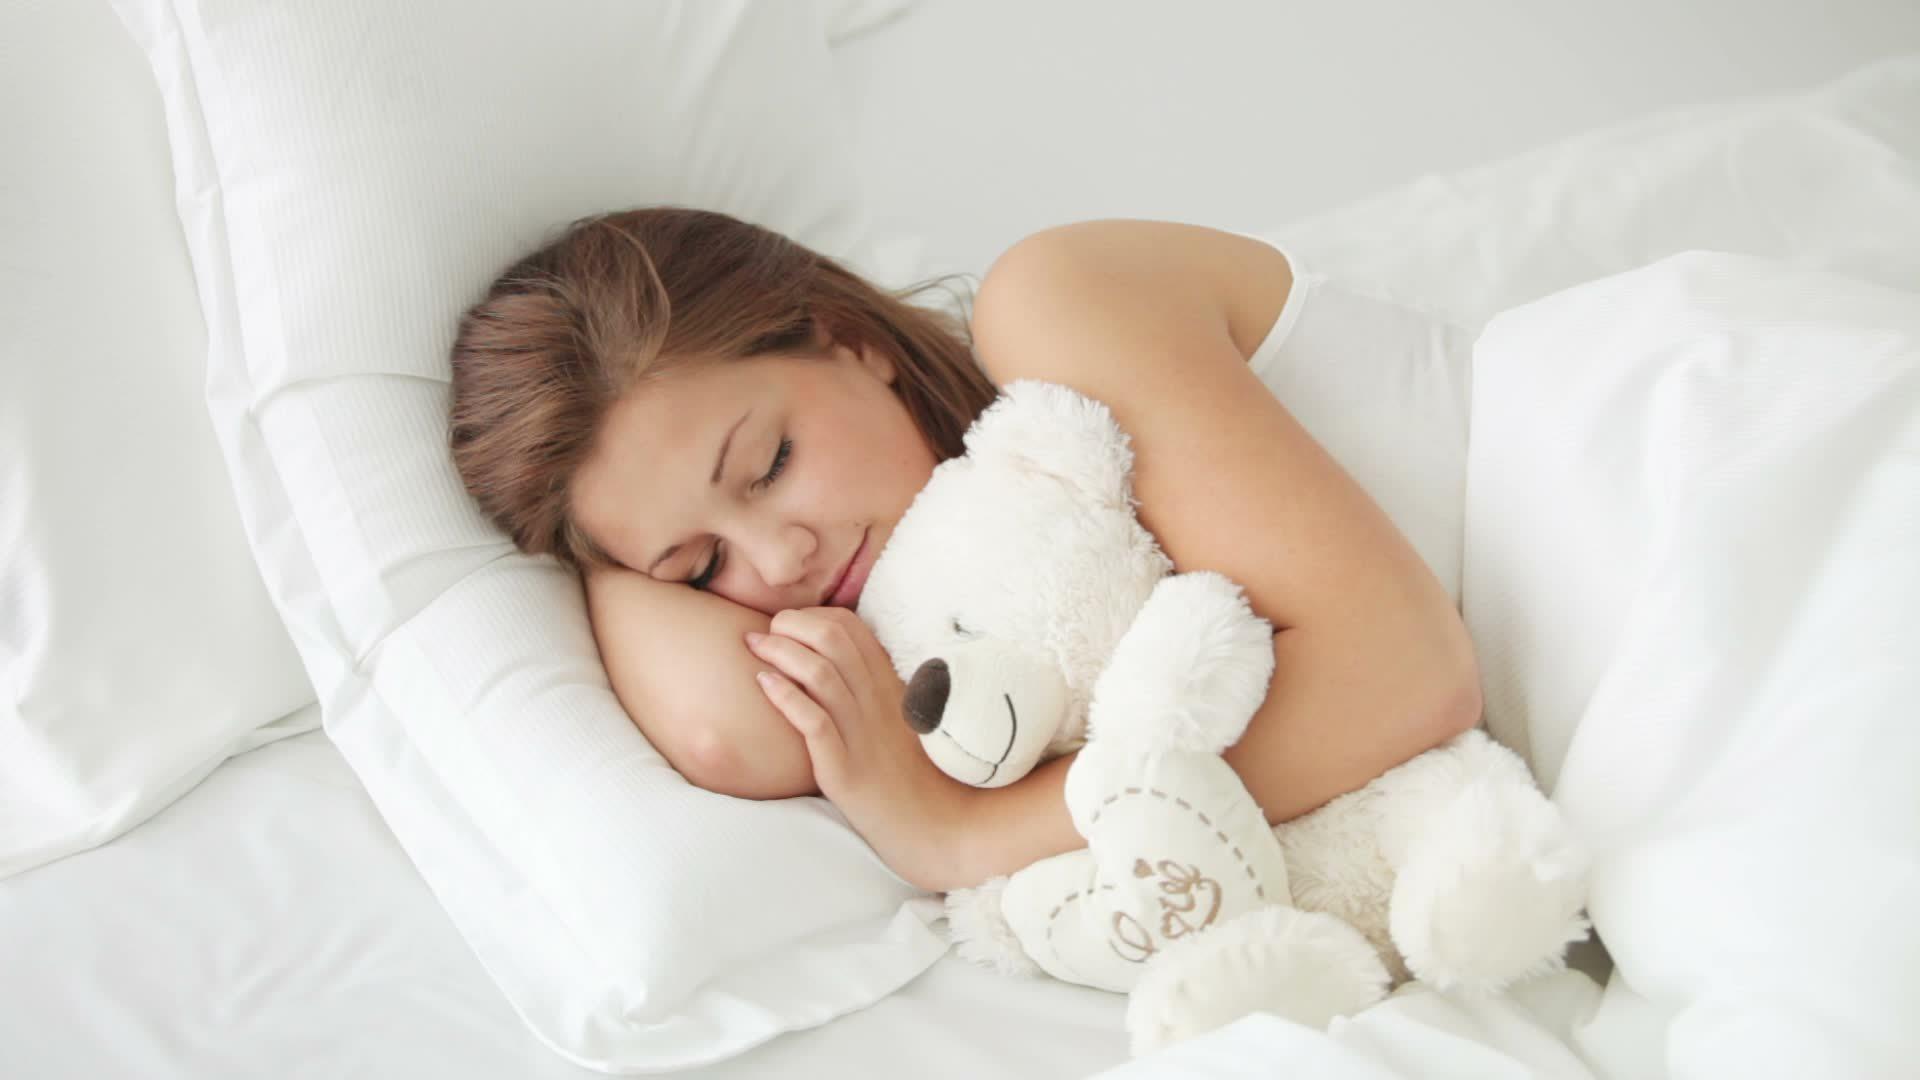 Спать в кабинете начальника или заснуть на работе вечером и проснуться утром предсказывает аврал заданий.